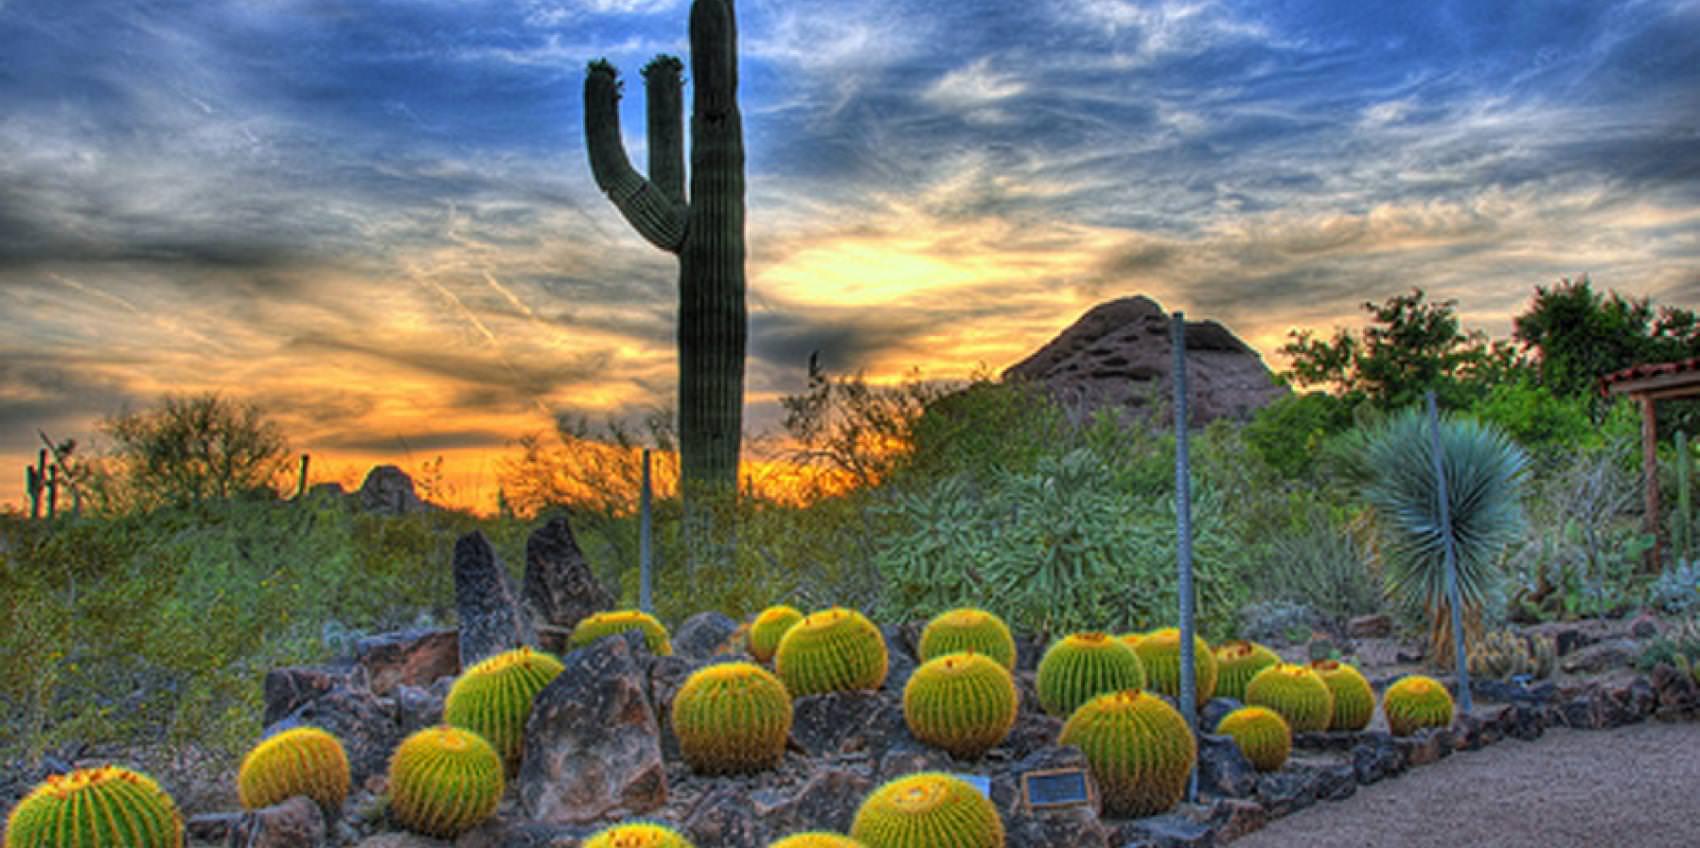 Desert Botanical Garden, Phoenix, AZ Nice Look